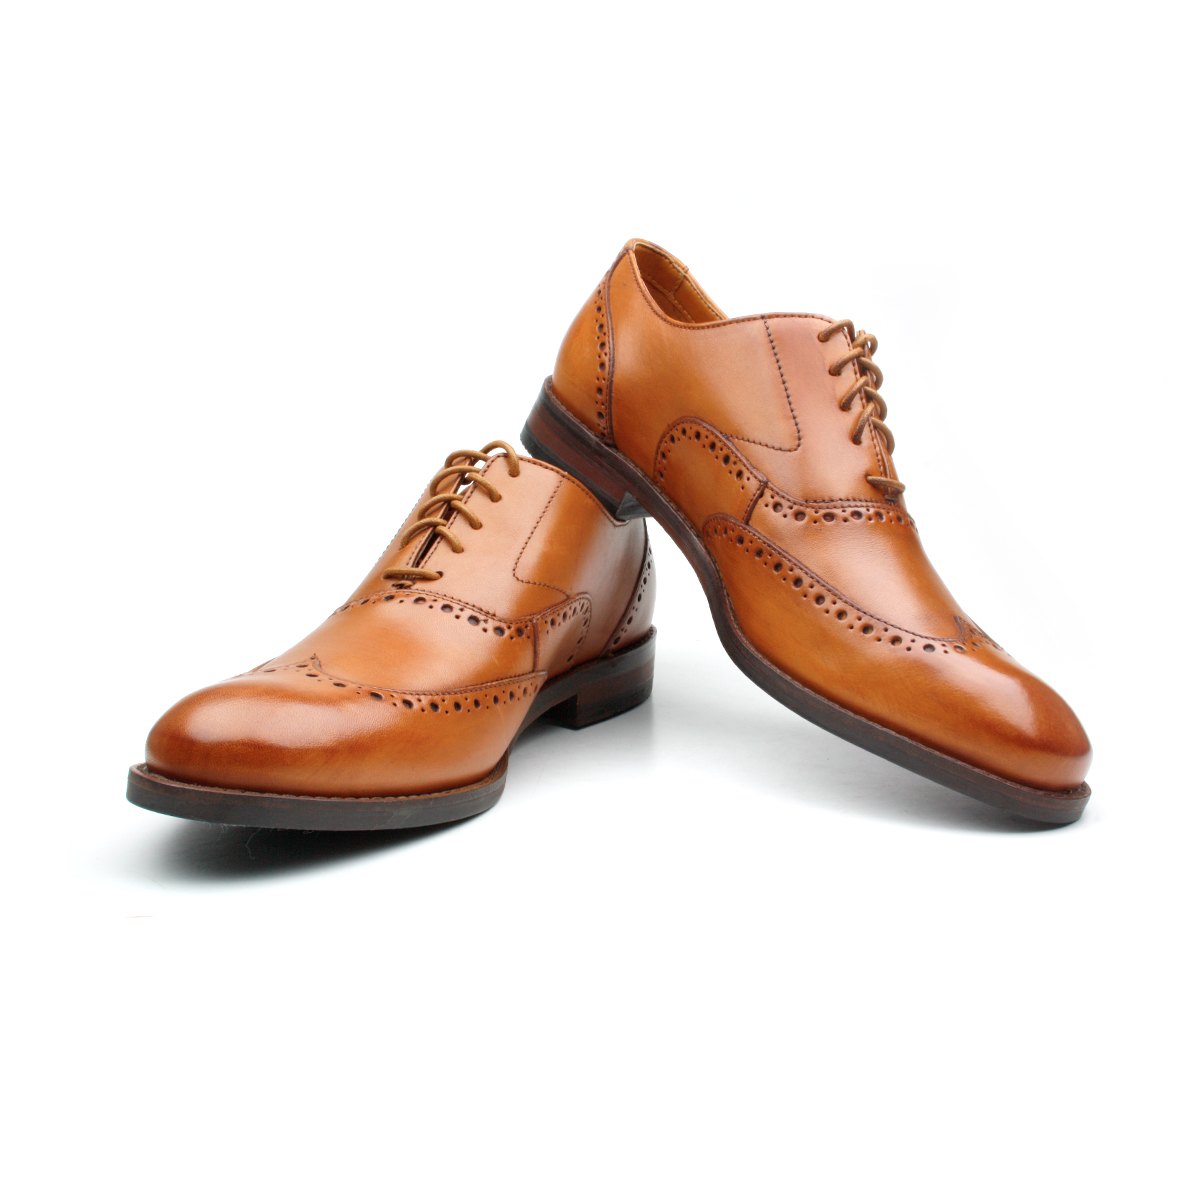 333243e10d2c8 Clarks Edward Walk - 121 Shoes